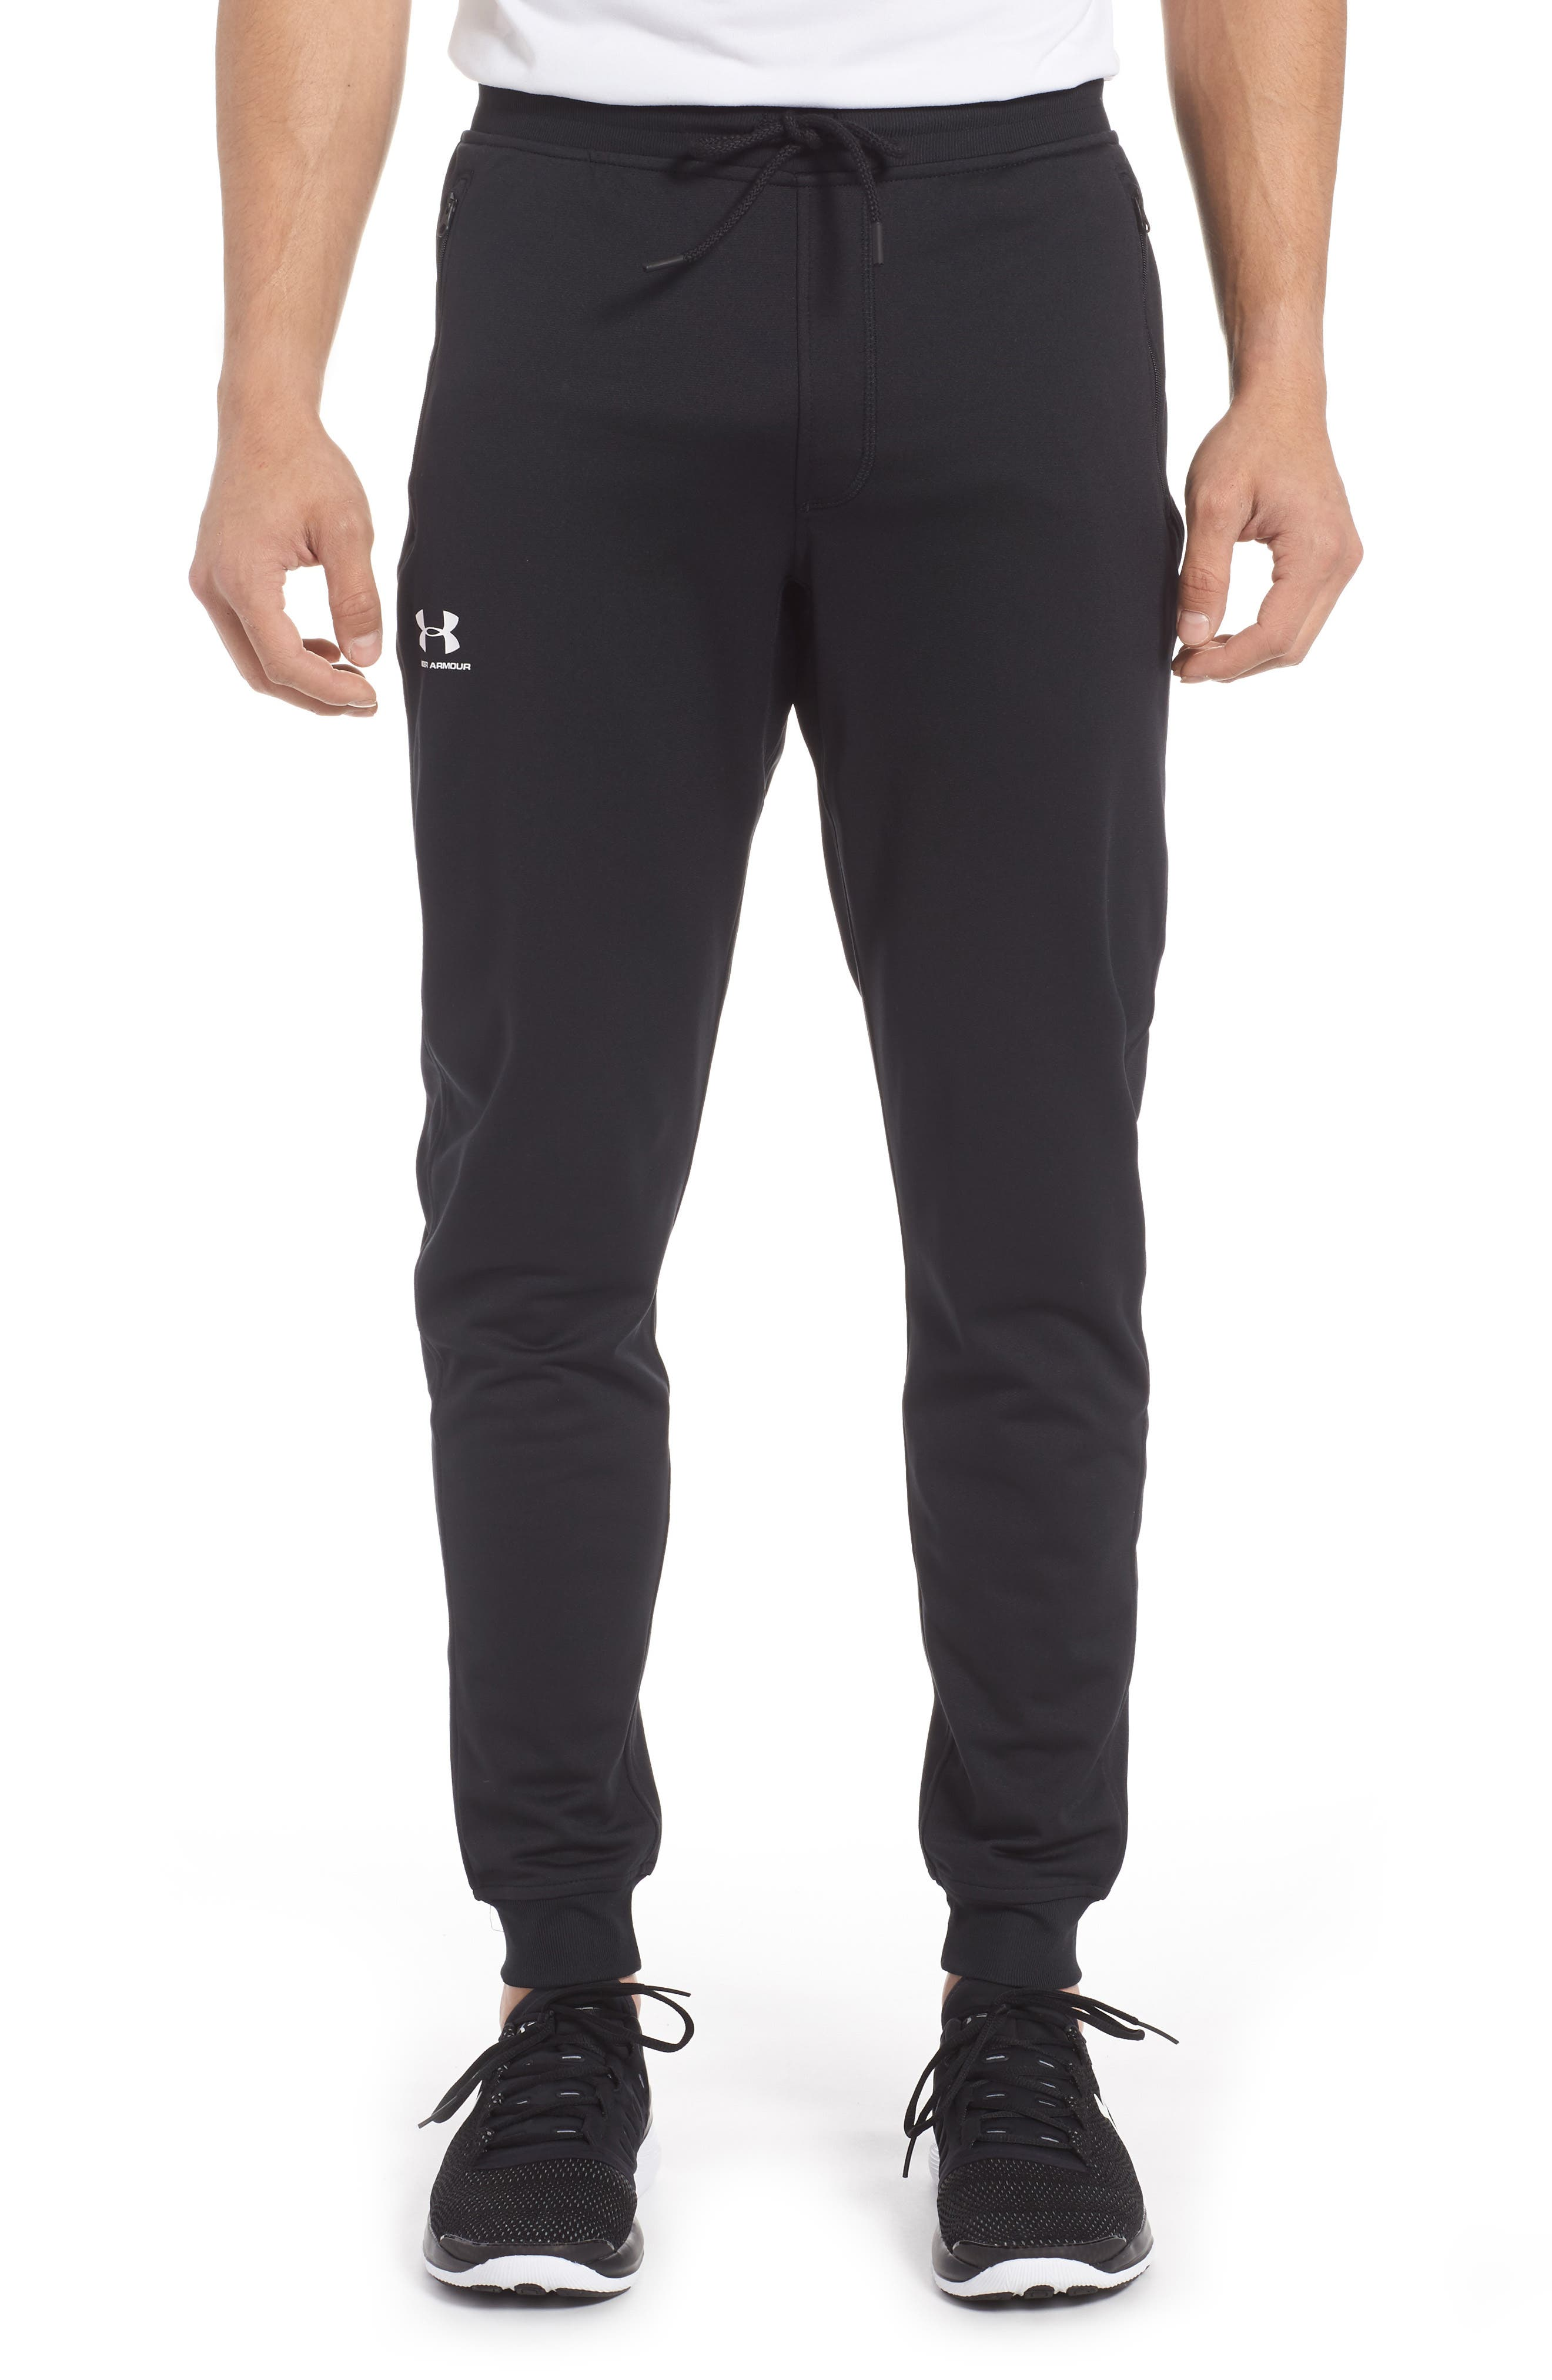 Sportstyle Knit Jogger Pants,                             Main thumbnail 1, color,                             BLACK/ WHITE